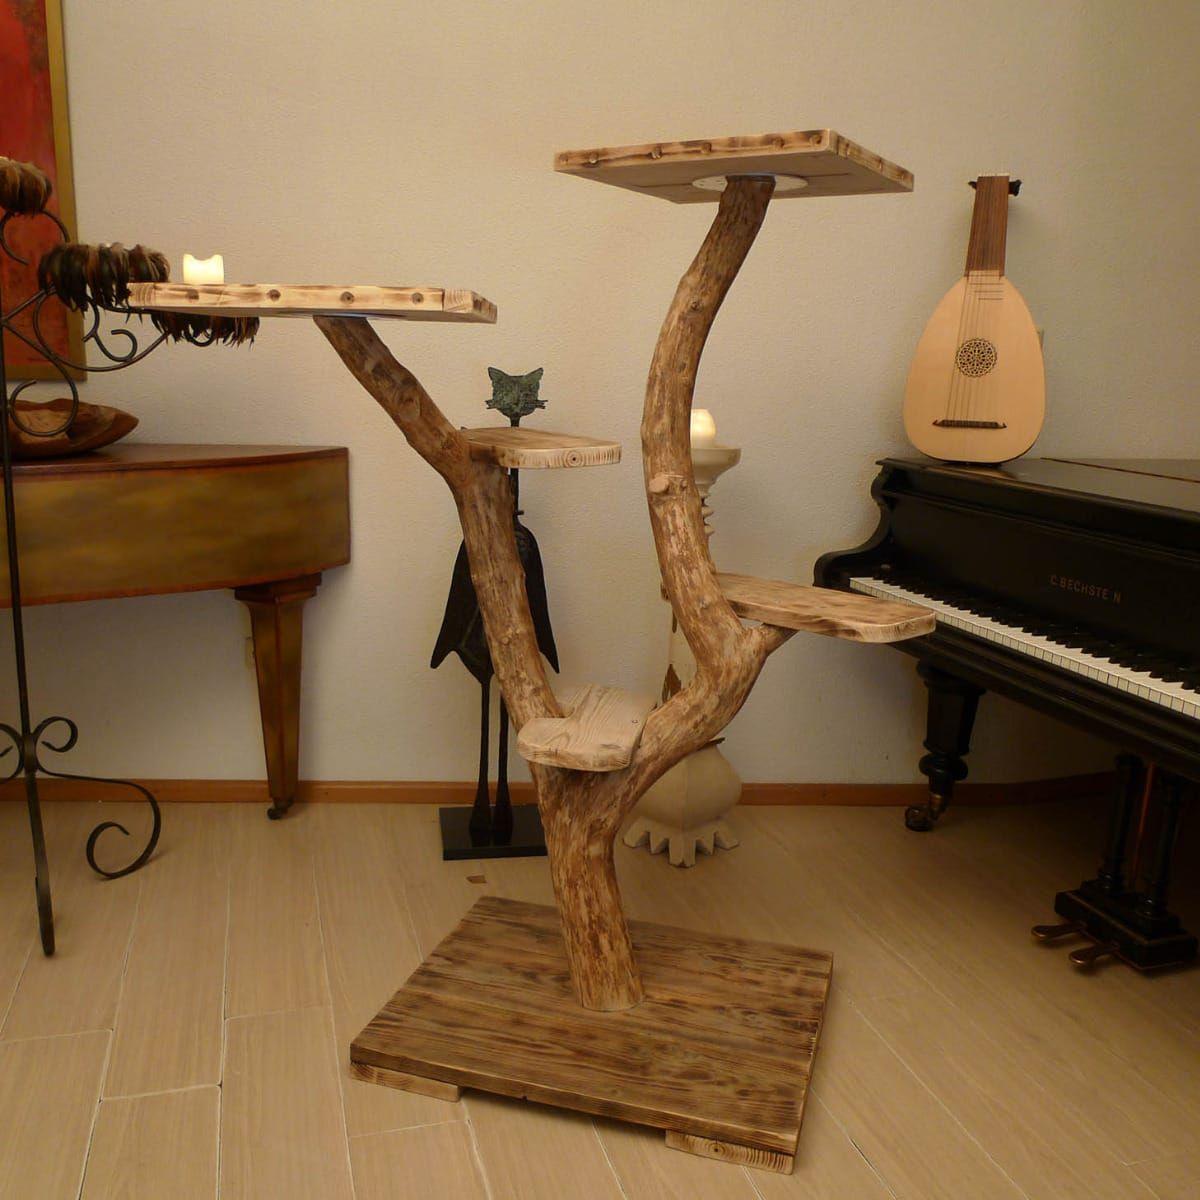 kratzbaum aus naturholz (asten) - kratzbaum, mittelgroß - deine